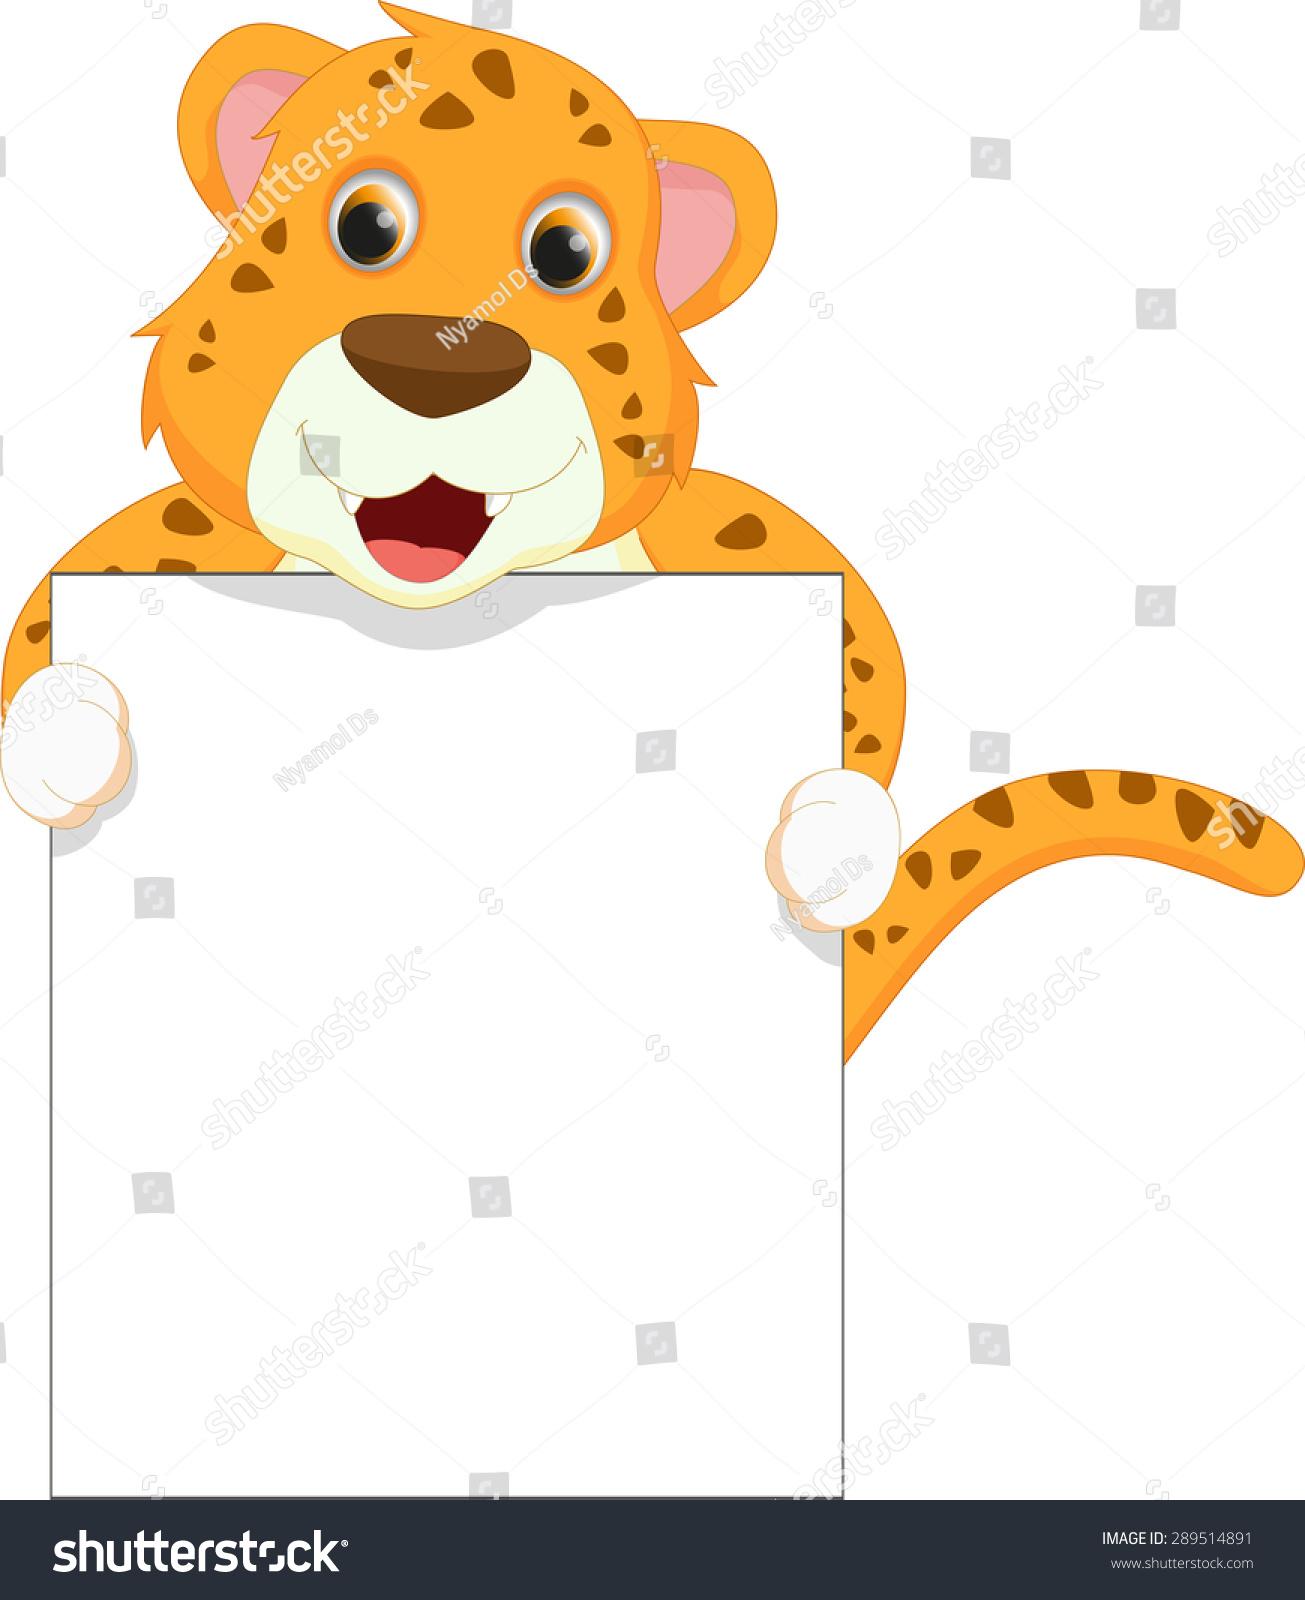 可爱的豹卡通空白的迹象-动物/野生生物-海洛创意()-.